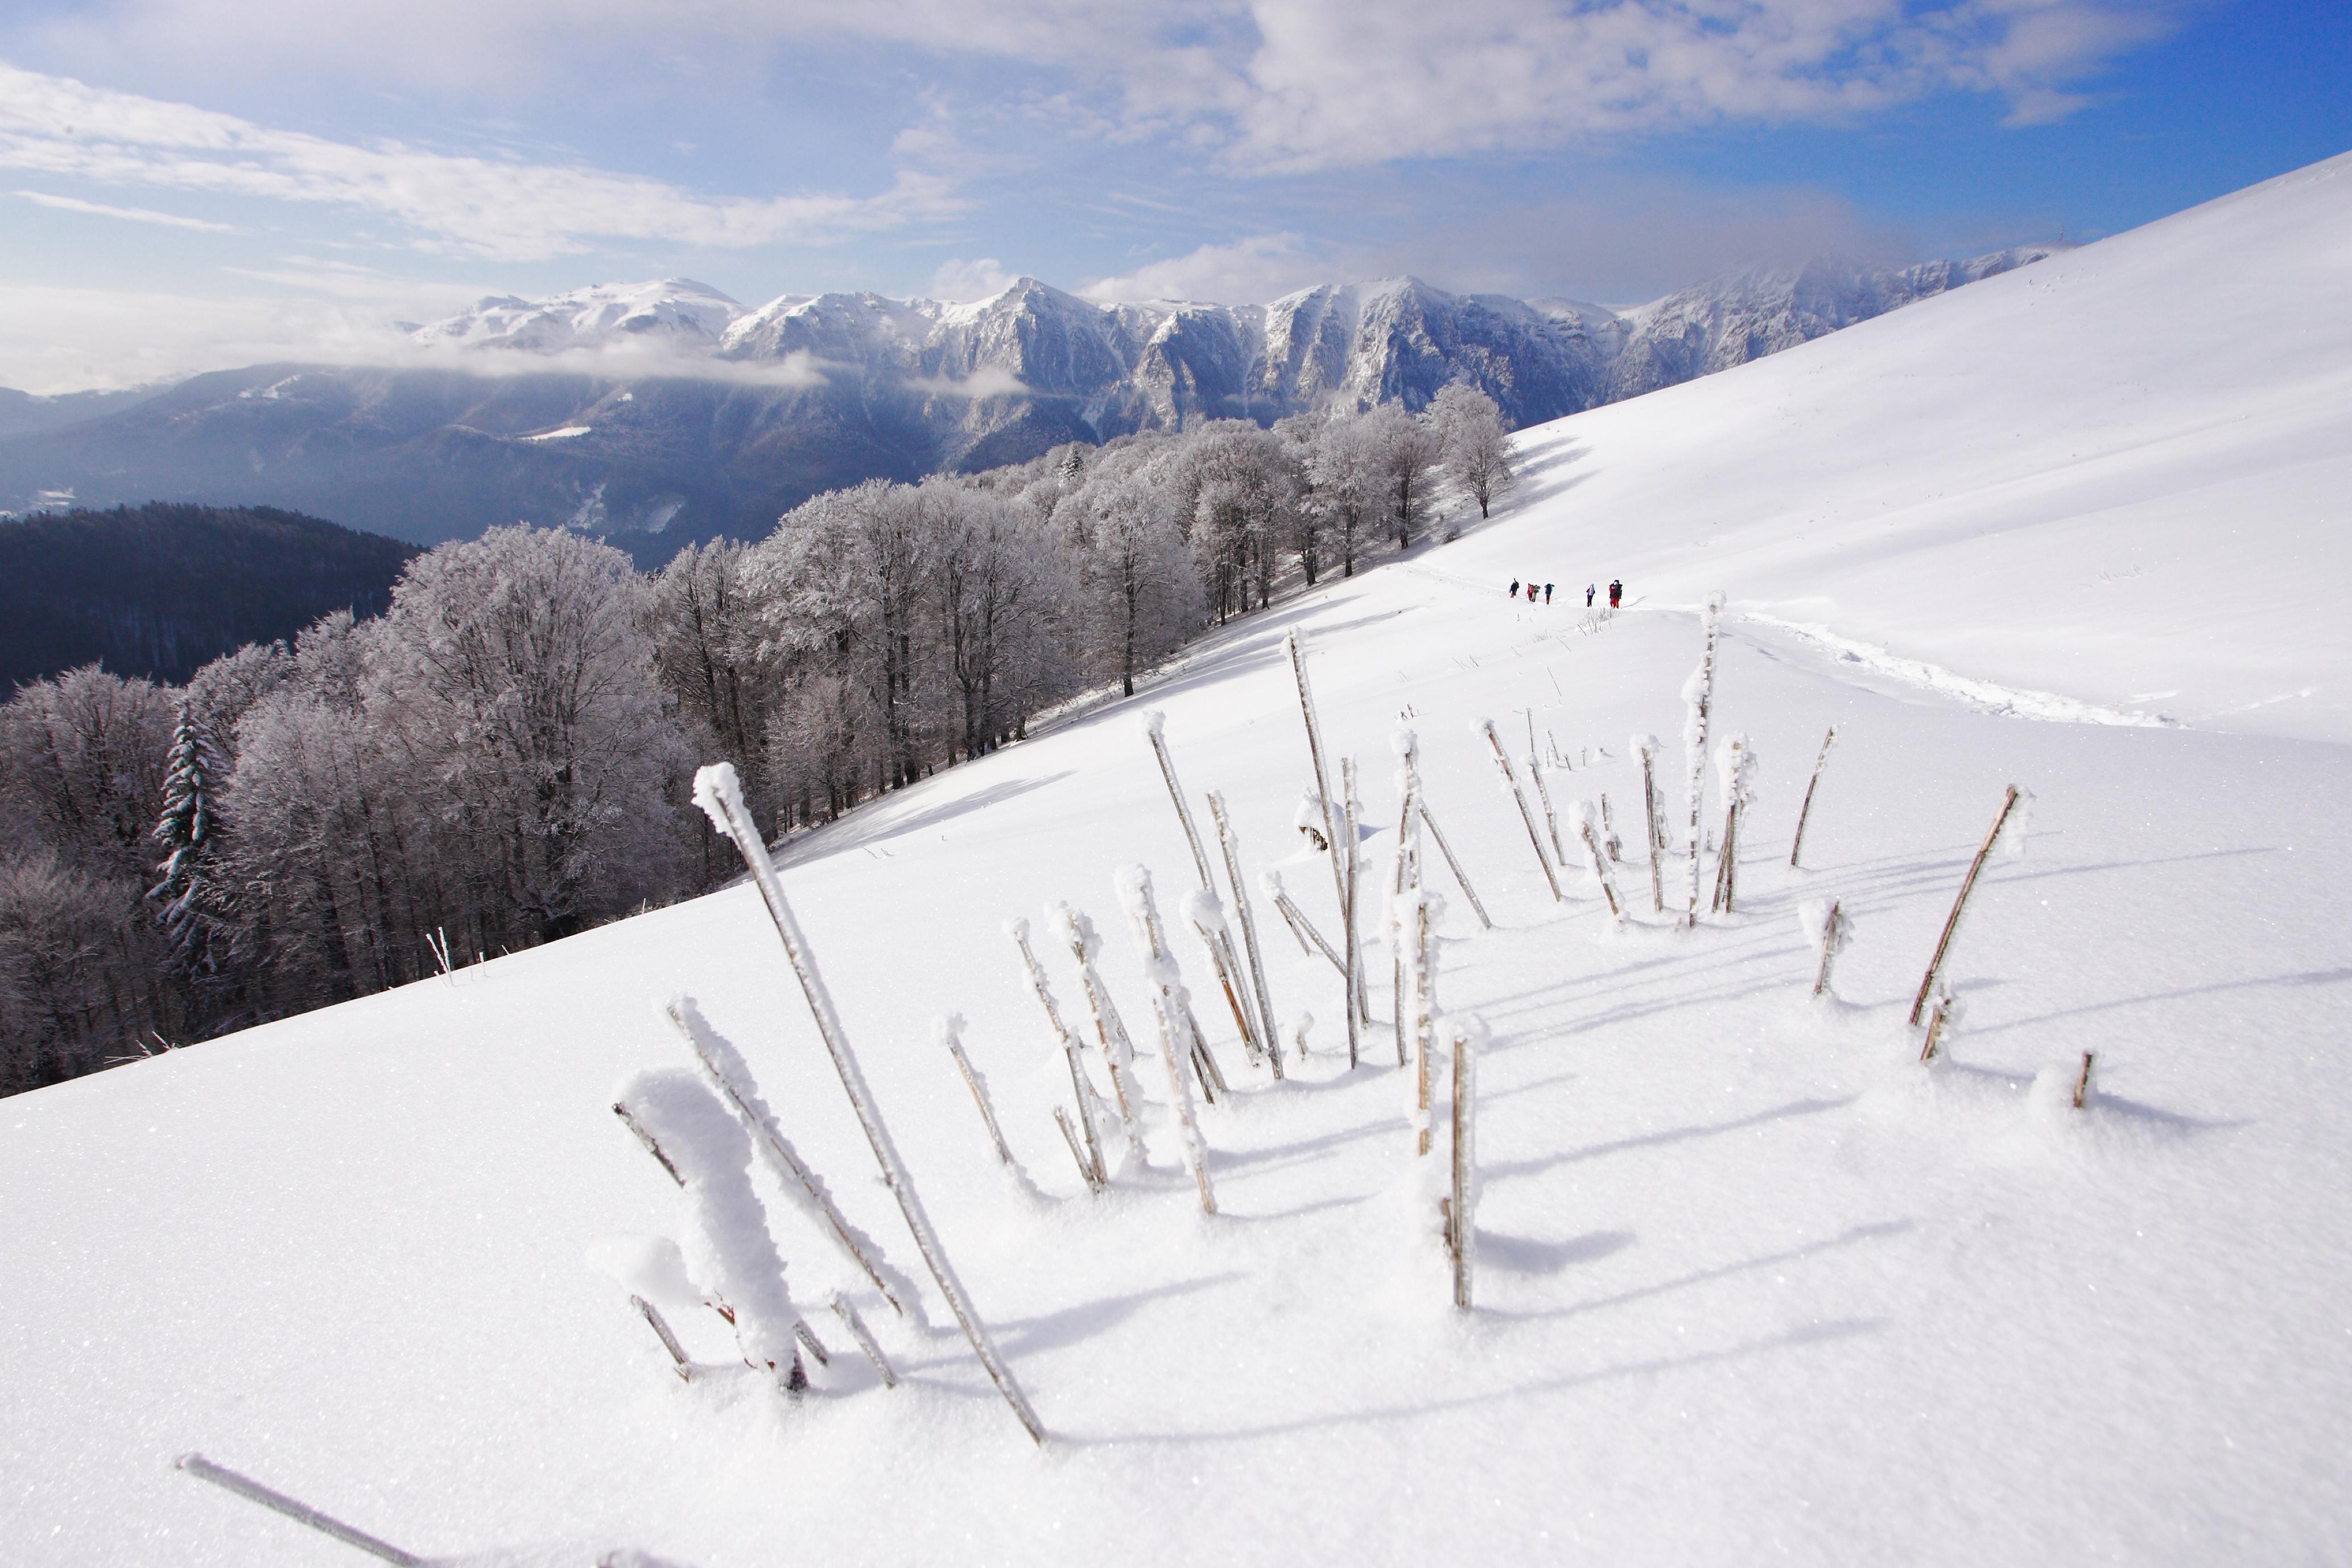 Risc de producere a avalanşelor în Munţii Bucegi şi Făgăraş. La Bâlea Lac şi Vârful Omu zăpada are aproape un metru. Vremea se va răci accentuat şi va ninge